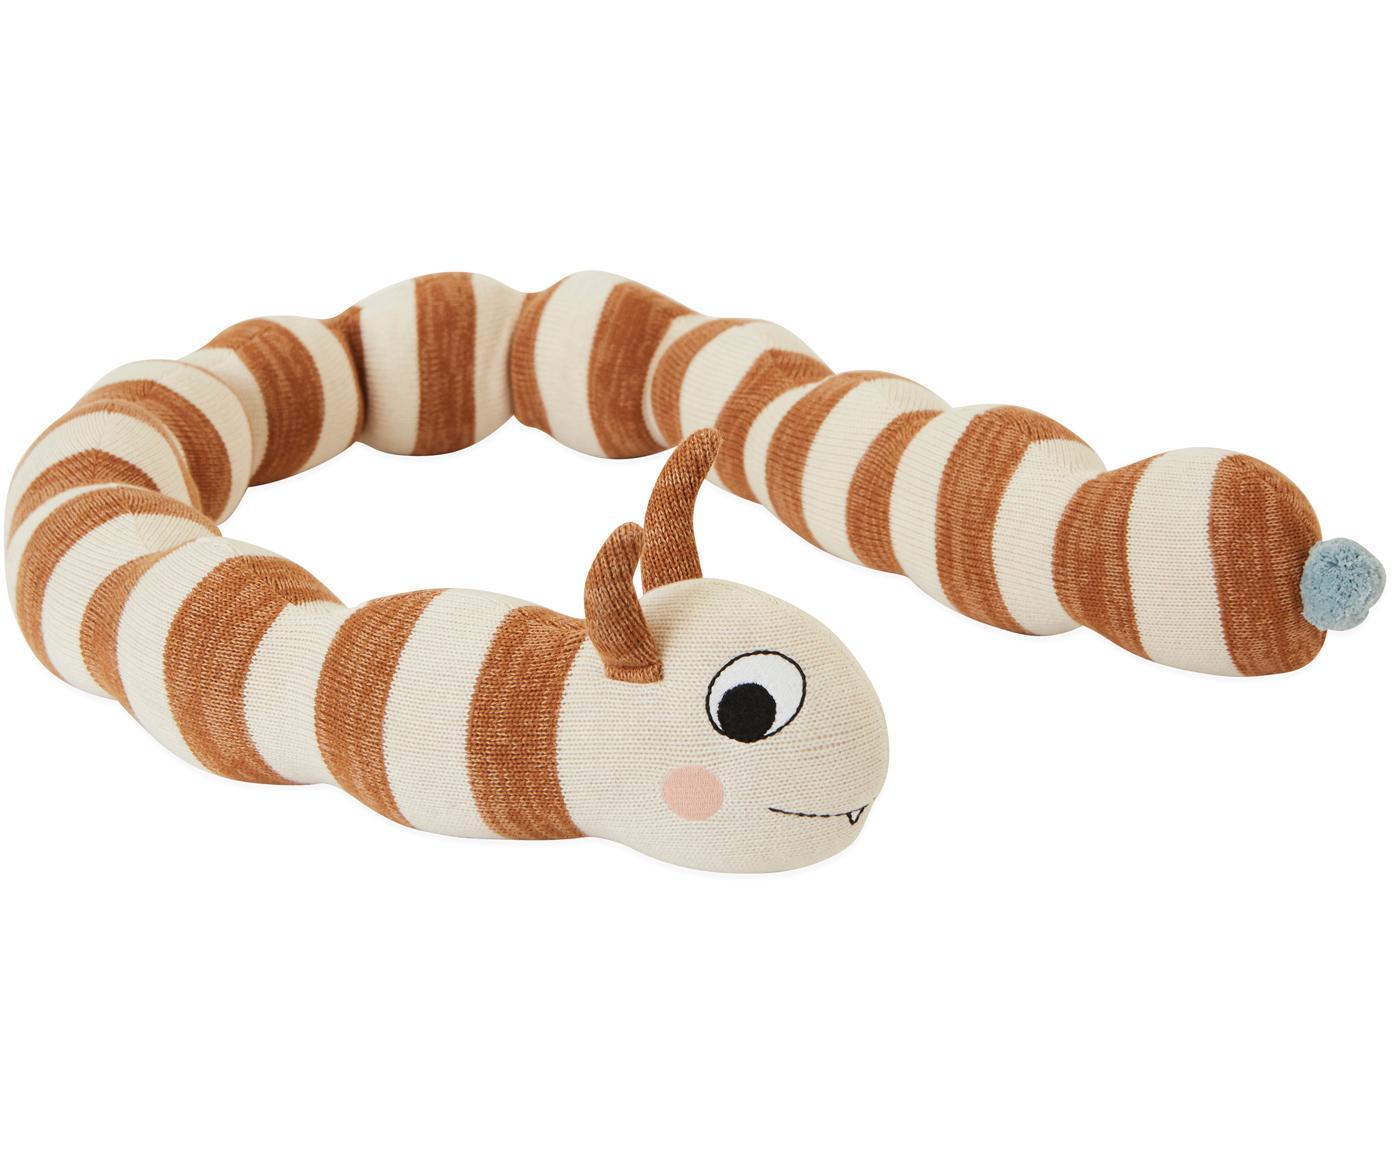 Duża poduszka do przytulania Leo, Bawełna, Karmelowy brązowy, melanżowy, złamana biel, D 140 cm